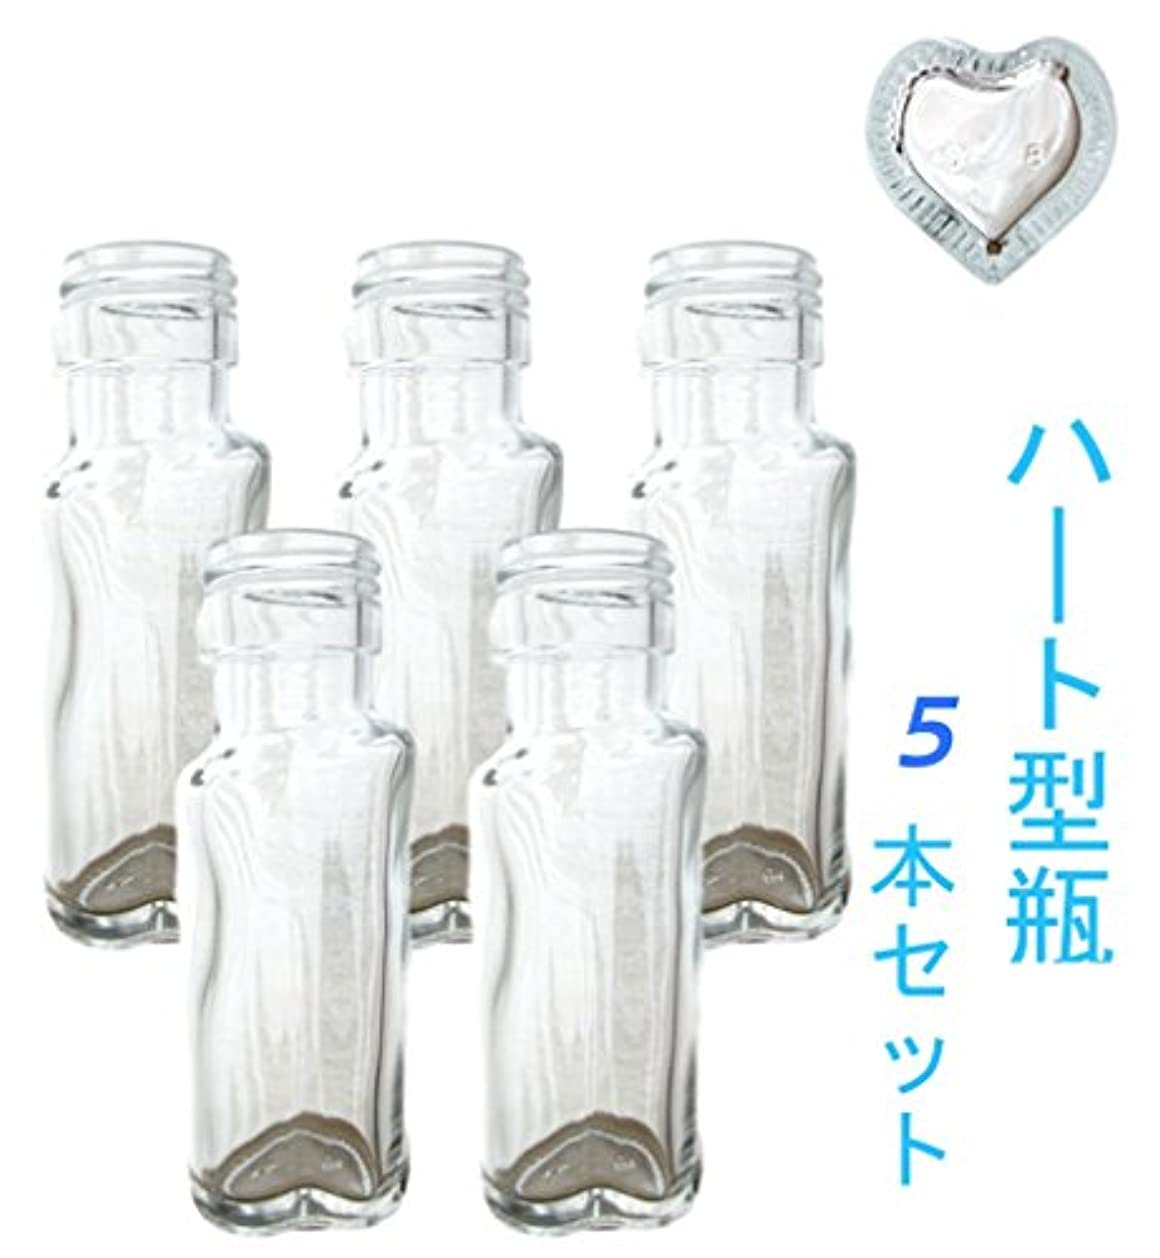 アイザックミンチ受粉者(ジャストユーズ) JustU's 日本製 ポリ栓 中栓付きハート型ガラス瓶 5本セット 50cc 50ml アロマデュフューザー ハーバリウム 調味料 オイル タレ ドレッシング瓶 B5-SSH50A-KAS